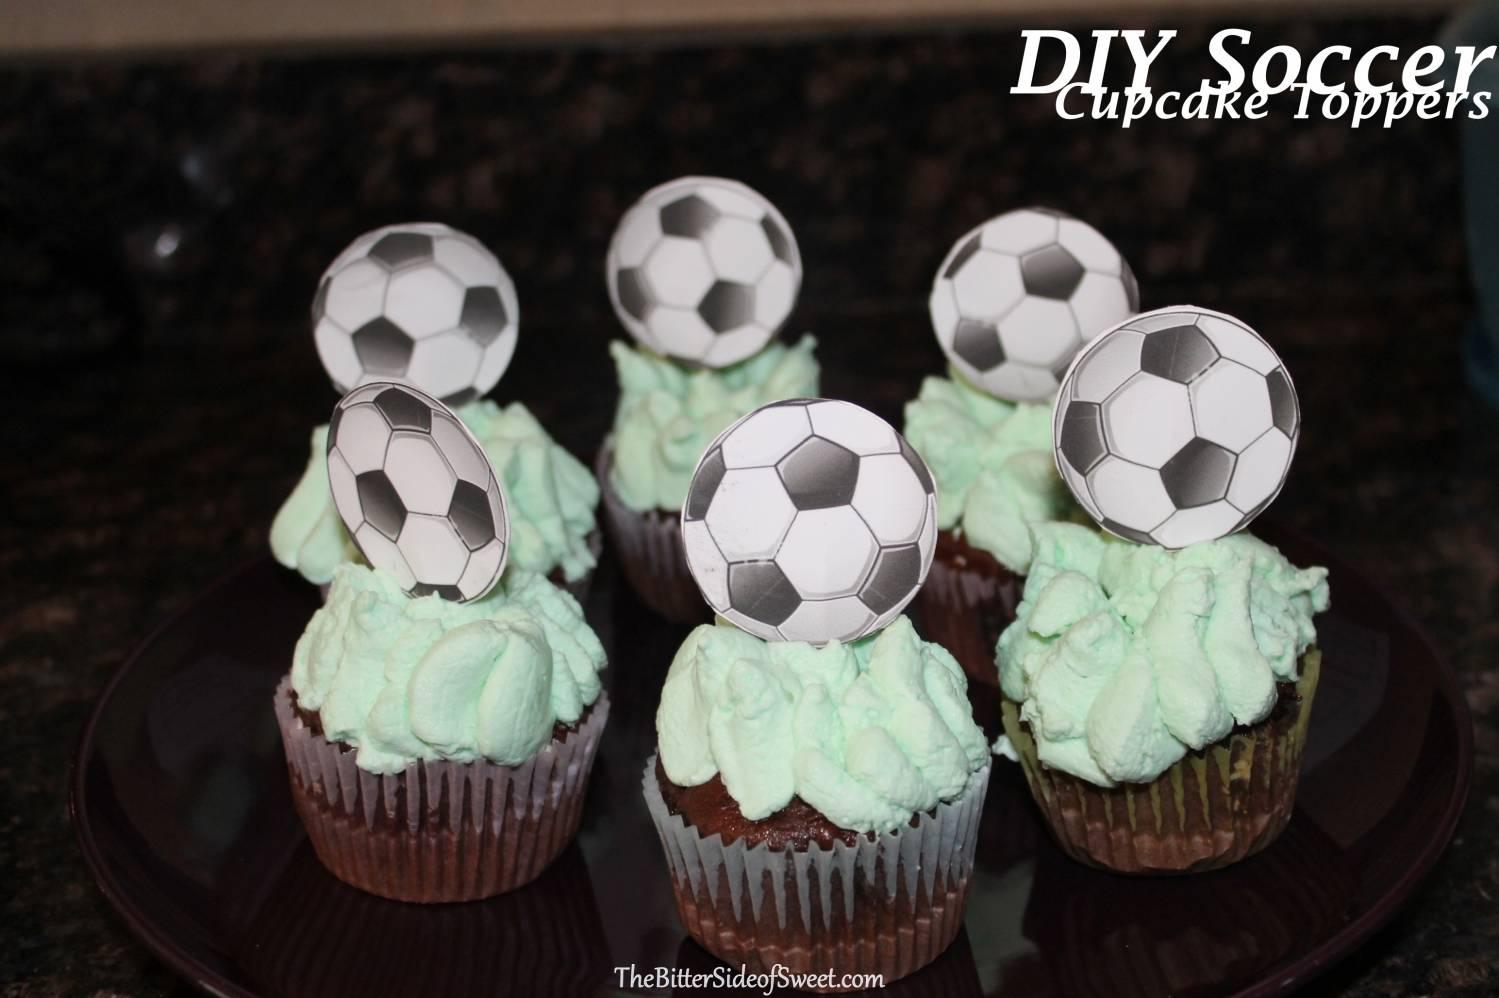 топперы мячи для футбольной вечеринки